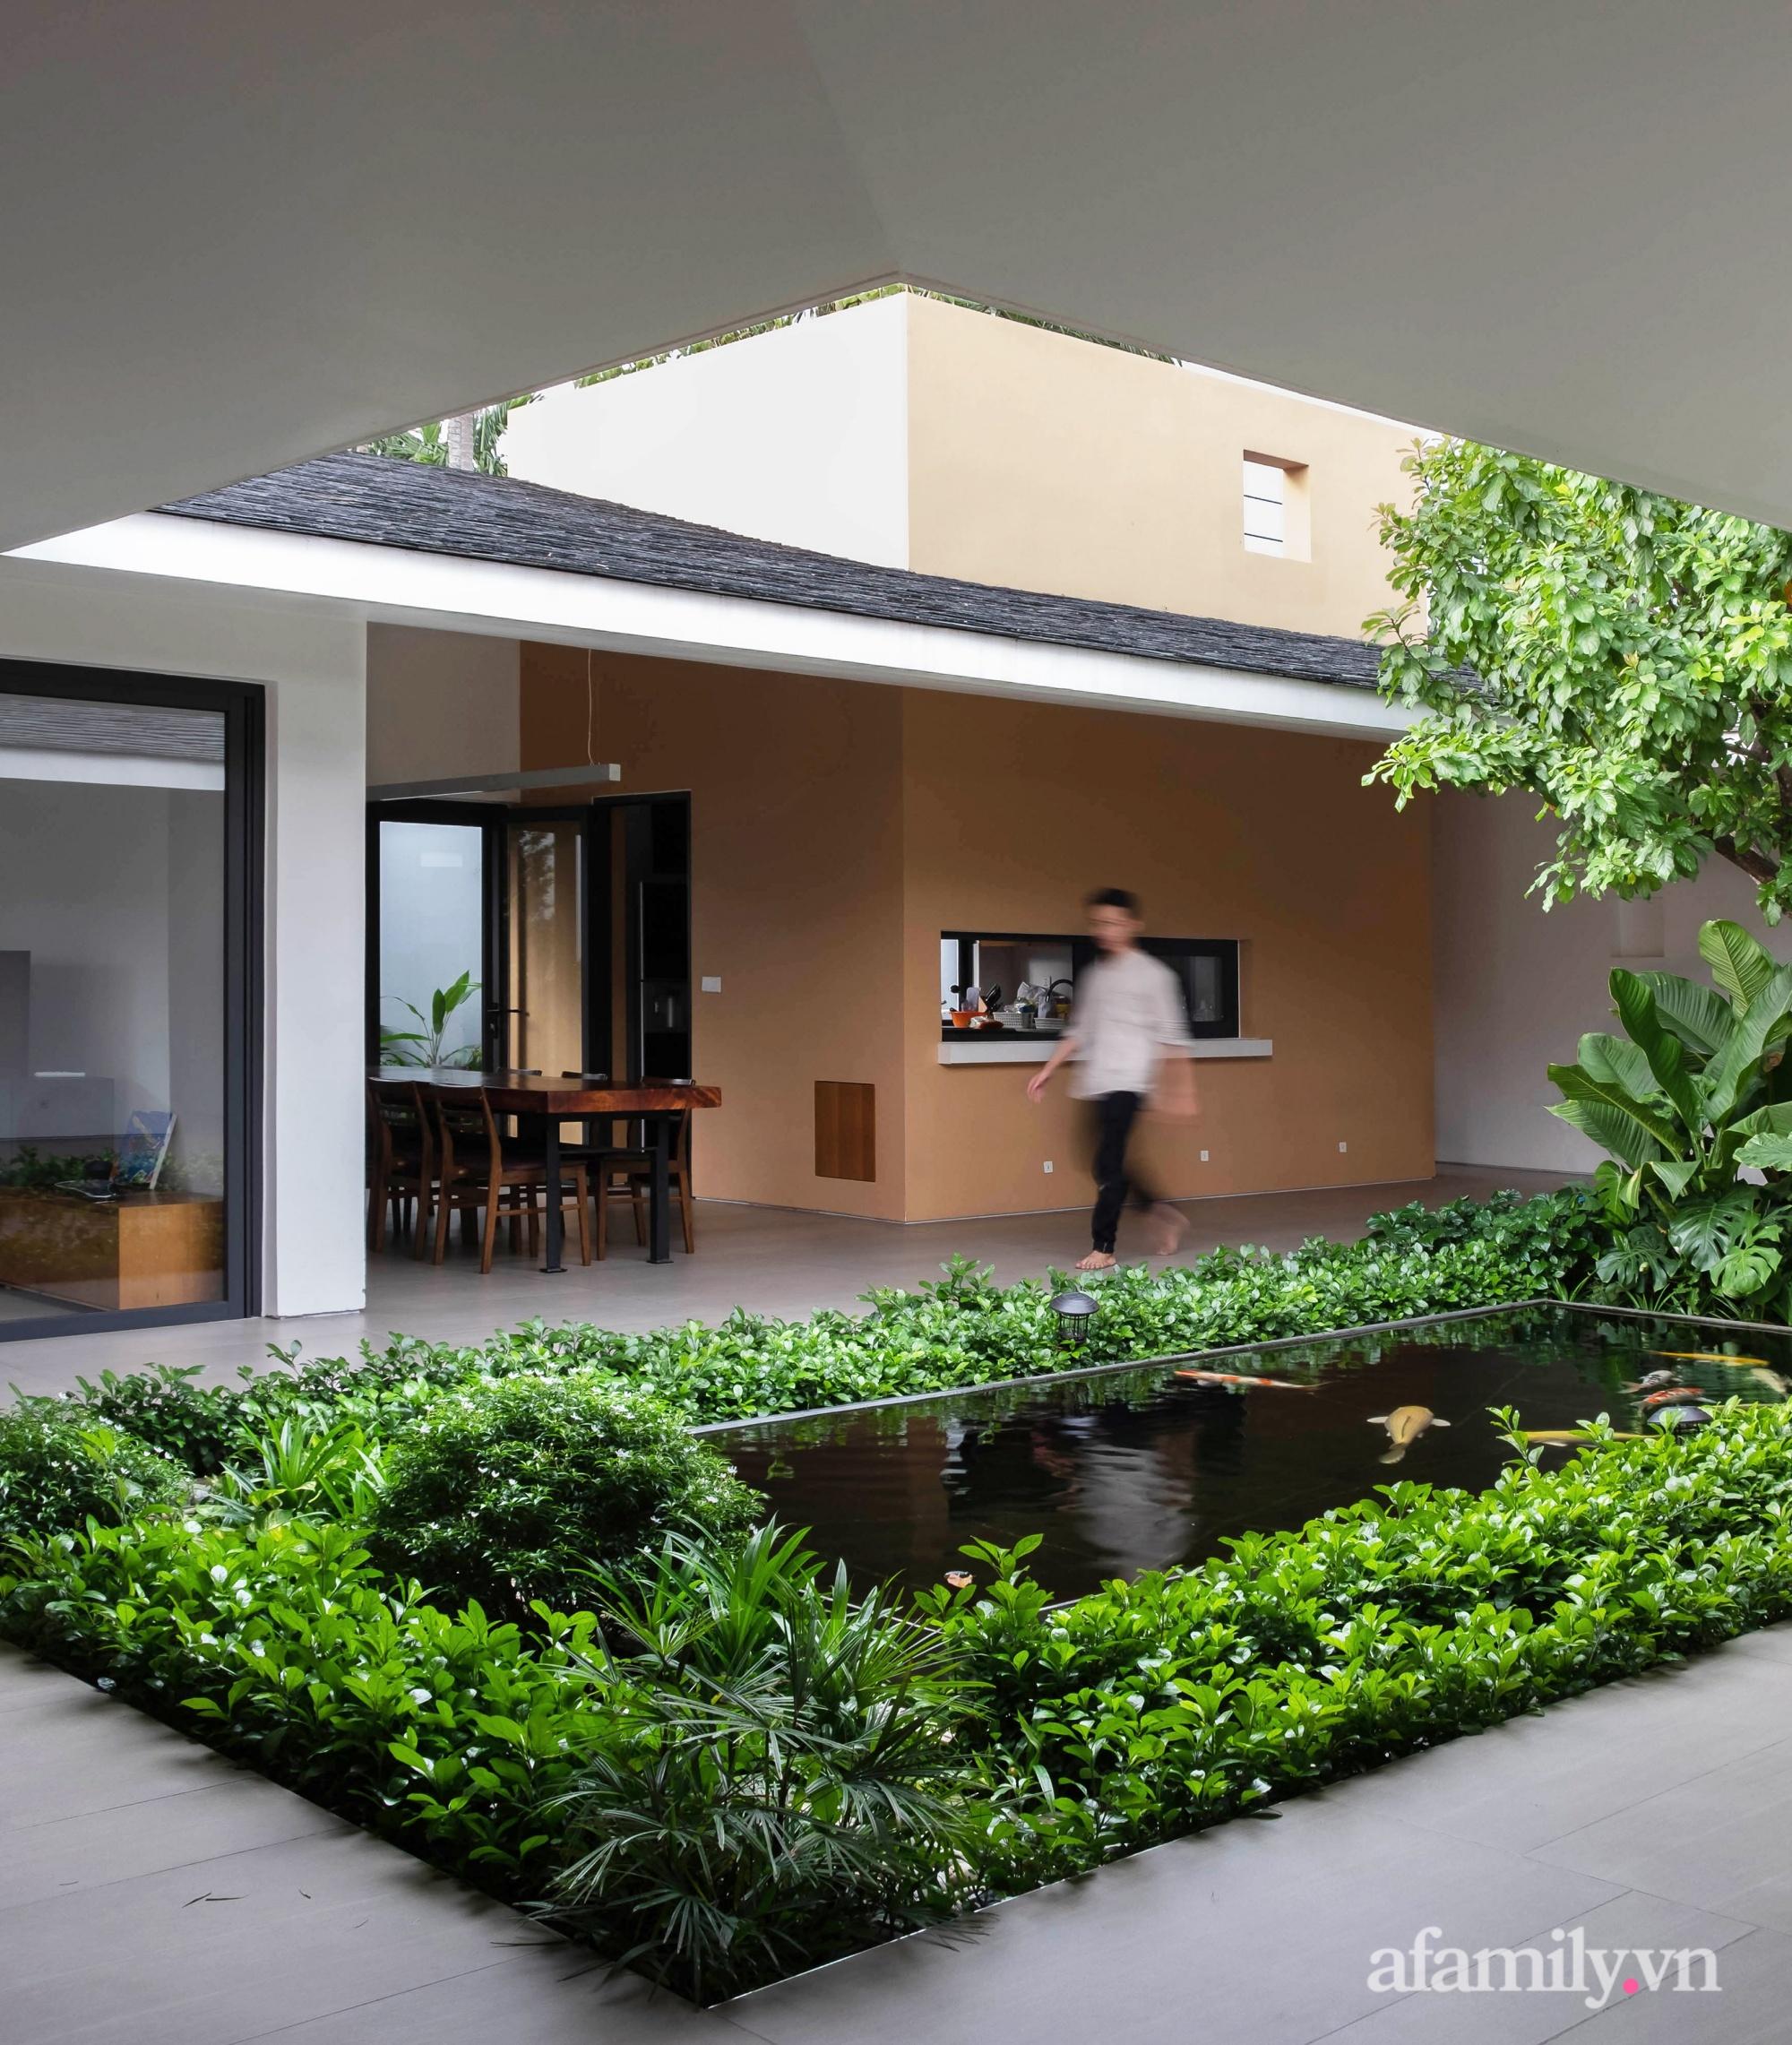 Ngôi nhà rợp mát bóng cây ở ngoại ô Sài Gòn tạo sự gắn kết cho gia đình 3 thế hệ - Ảnh 7.